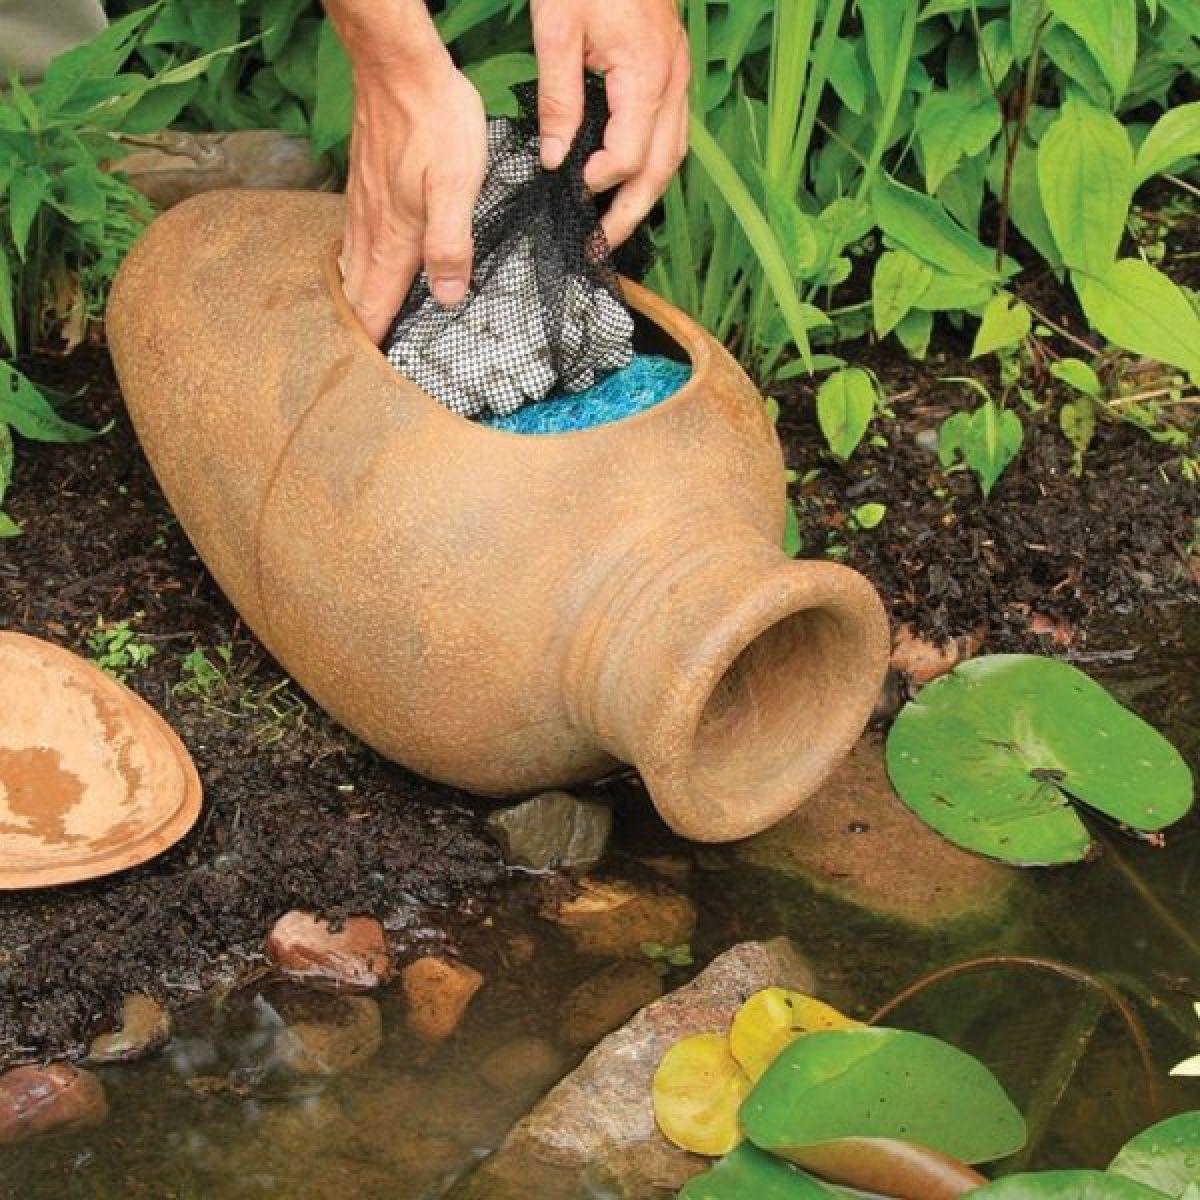 Водоемы и пруды на загородном участке. Методы очистки пруда, виды фильтров 4979